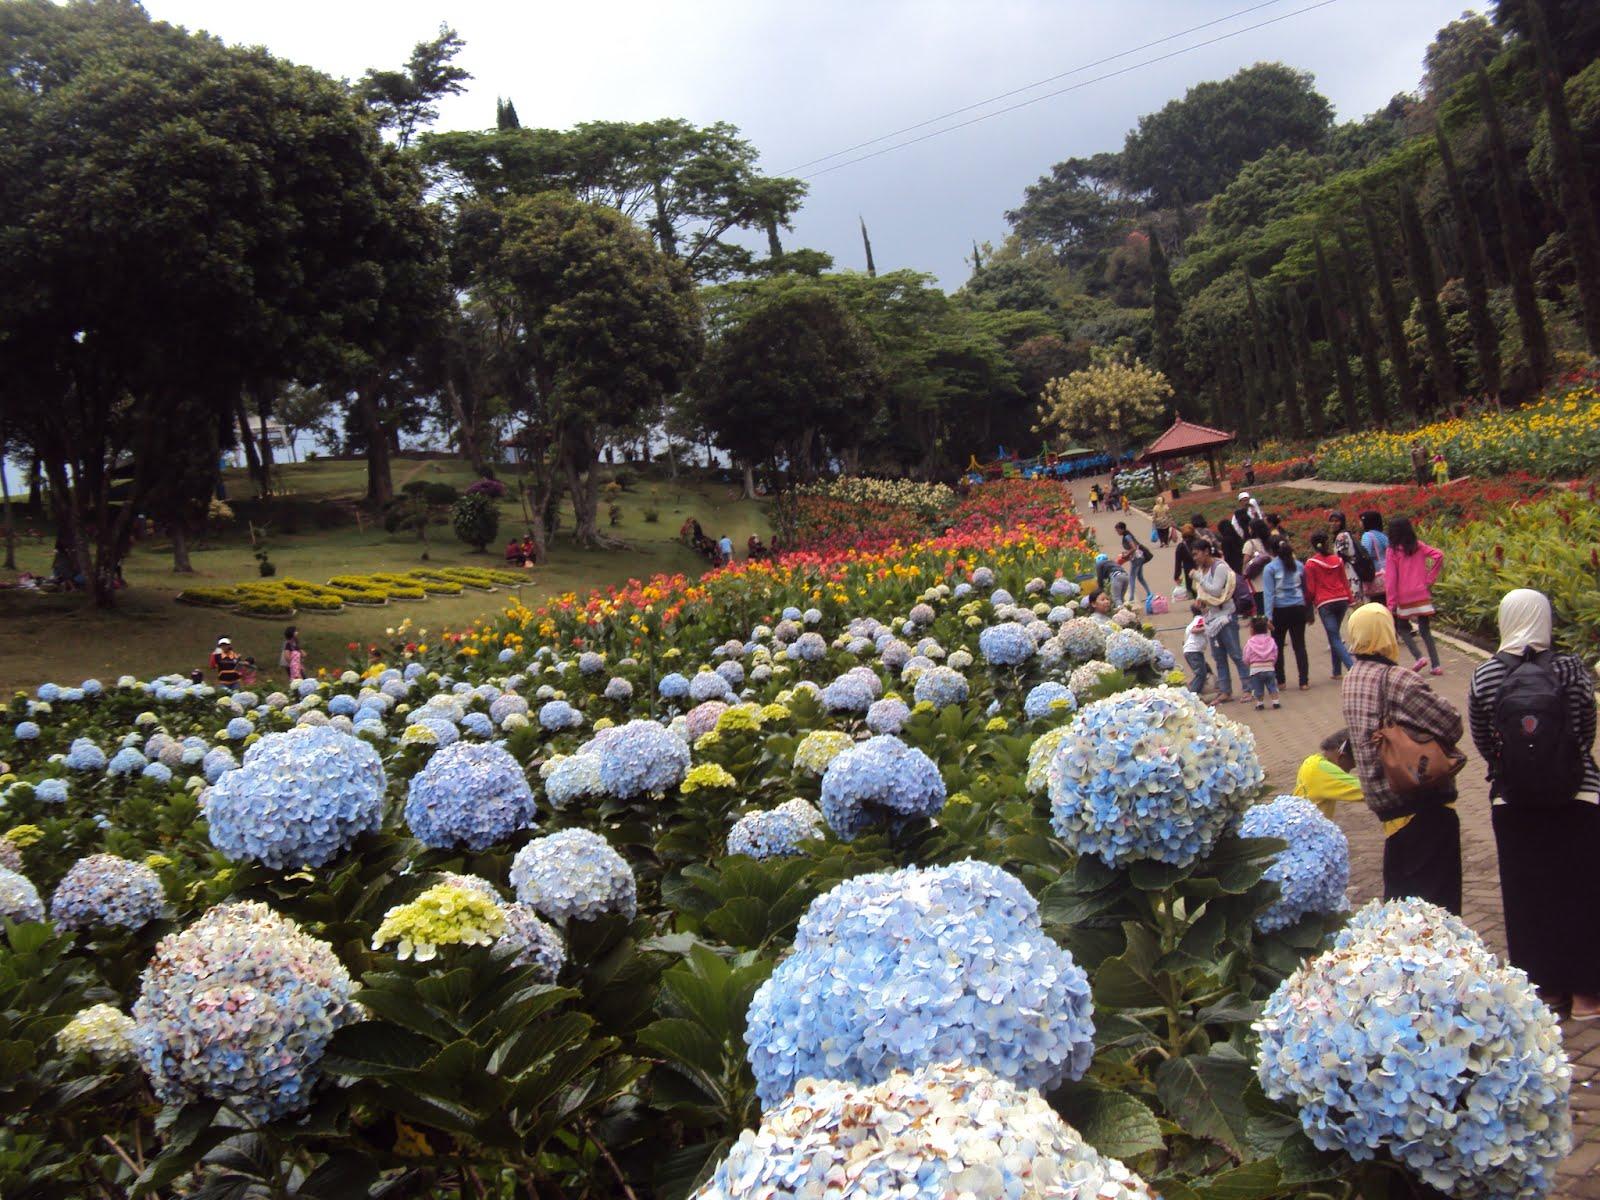 Tempat Wisata Keluarga Terbaik Kota Malang - Artikel Luarbiasa : Kumpulan Artikel Menarik